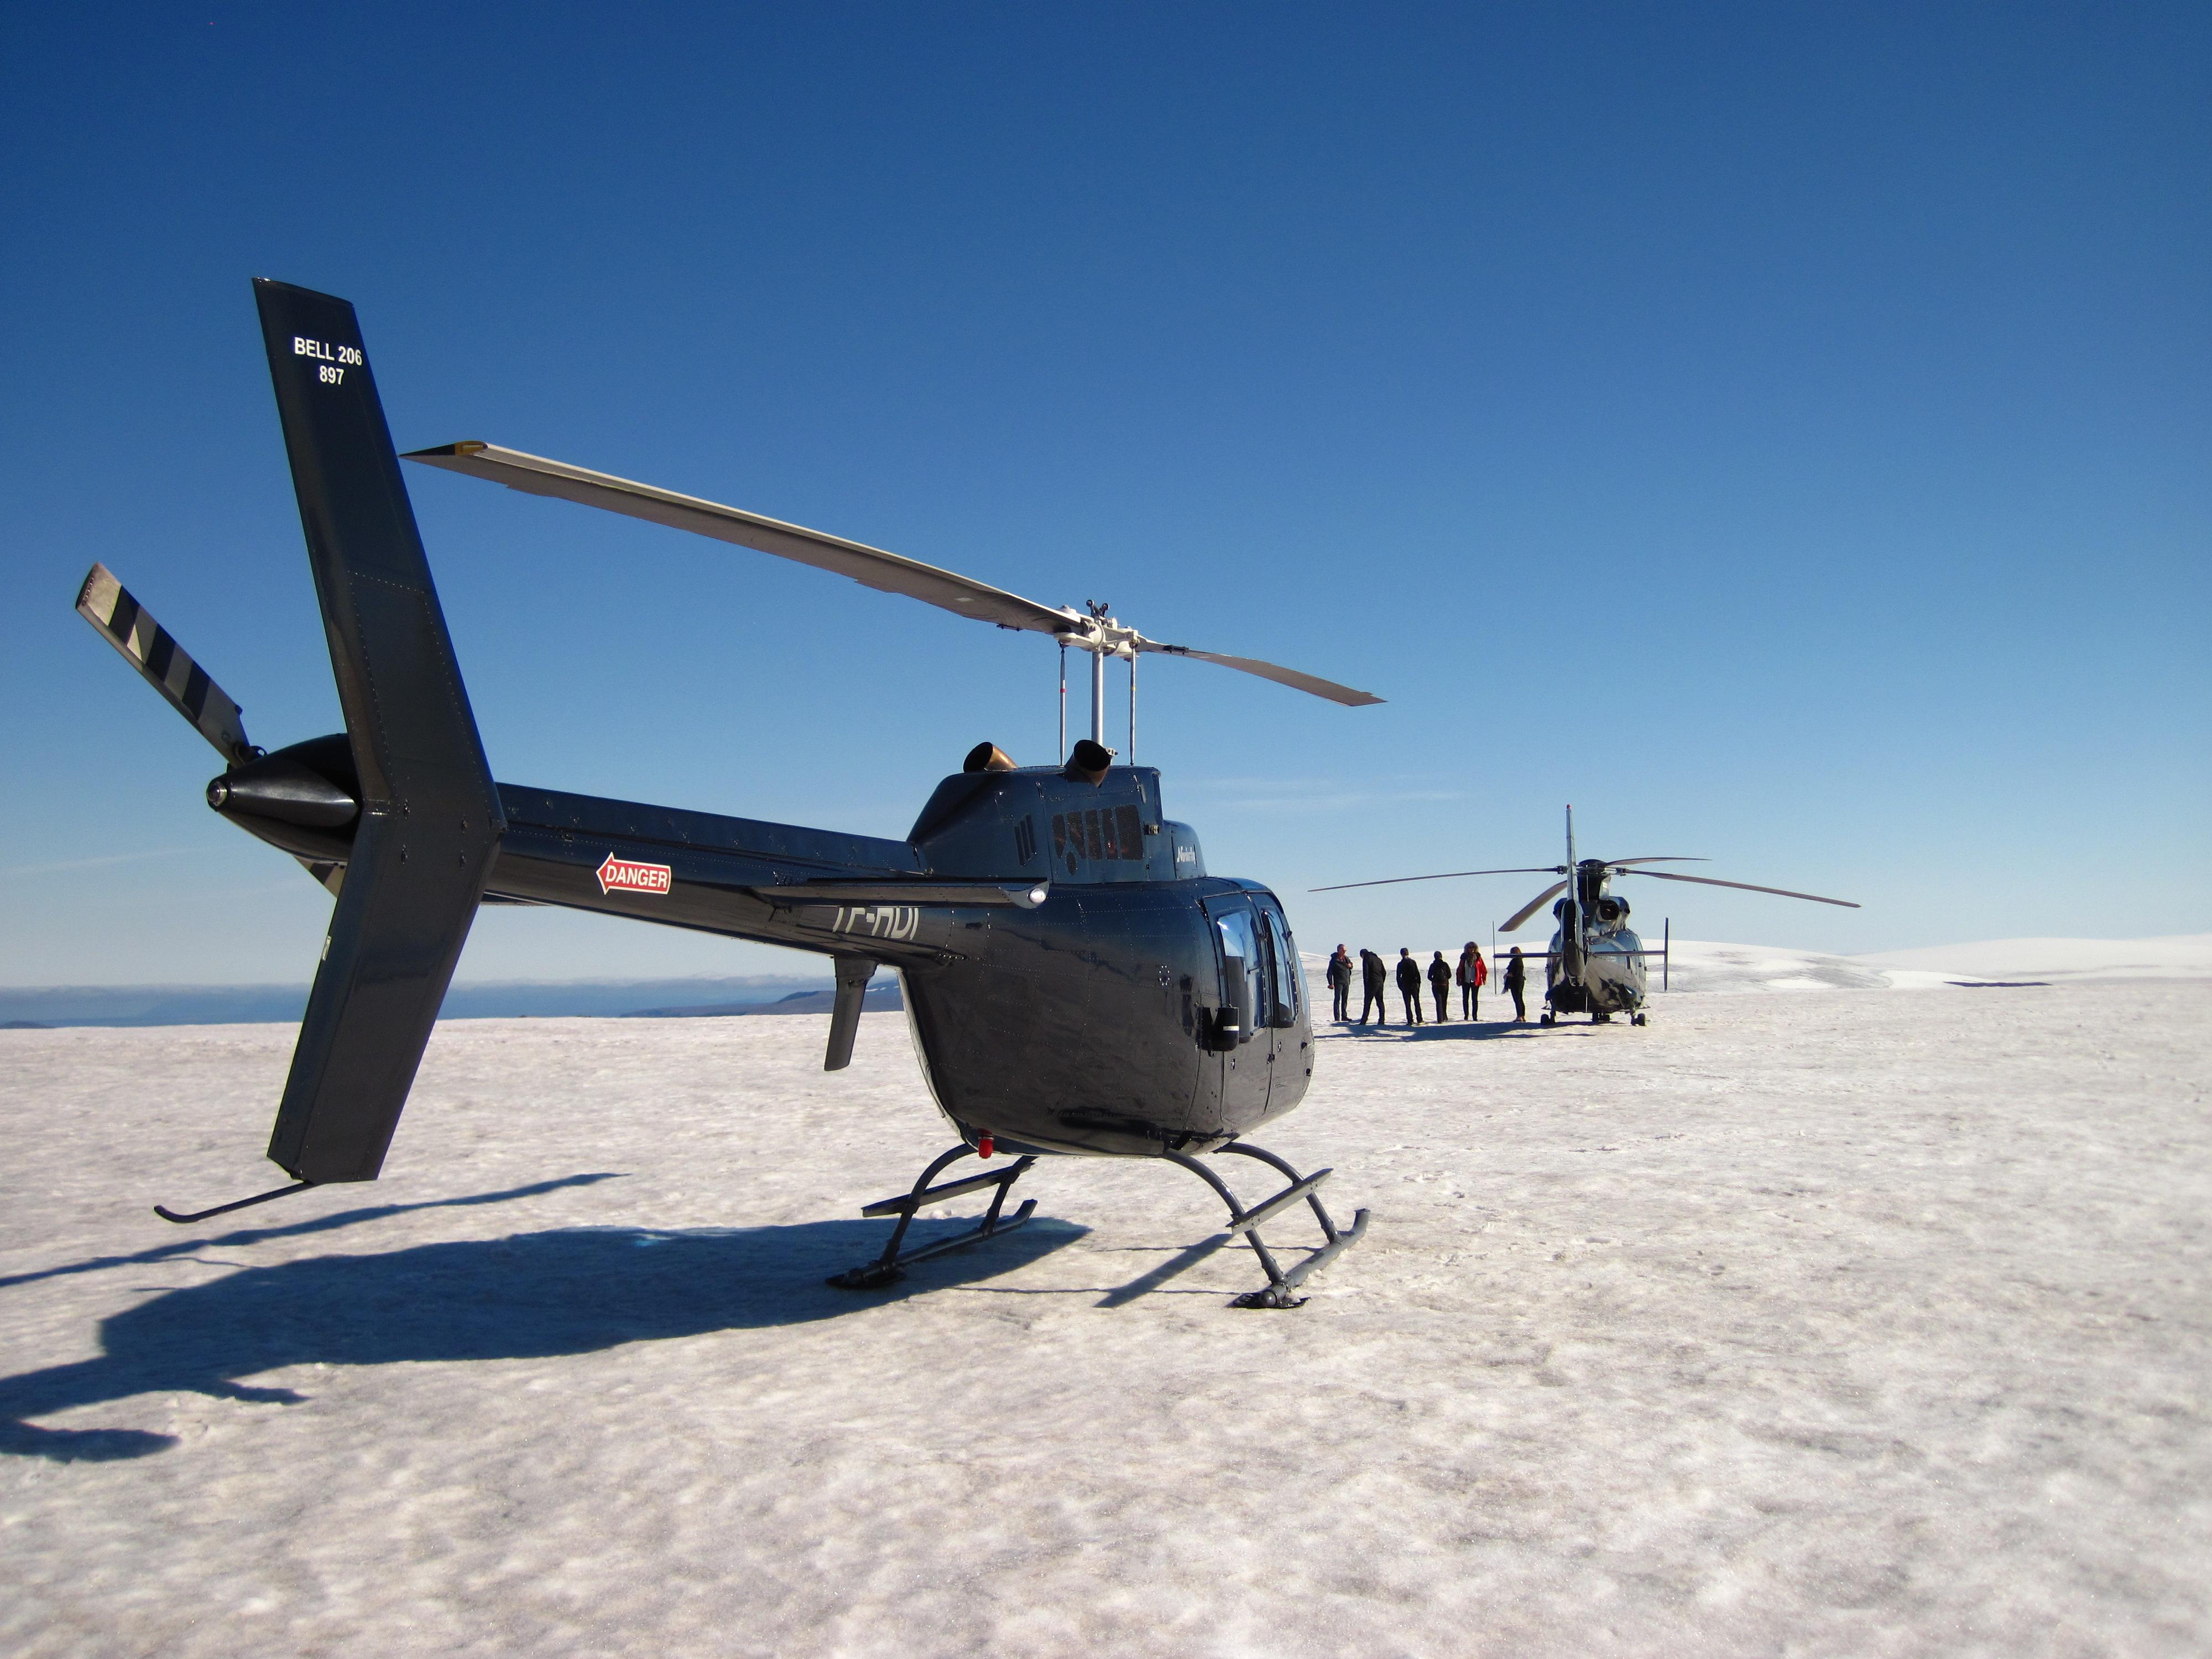 Varför gå på glaciärvandring när du smidigt kan flyga upp i helikopter?